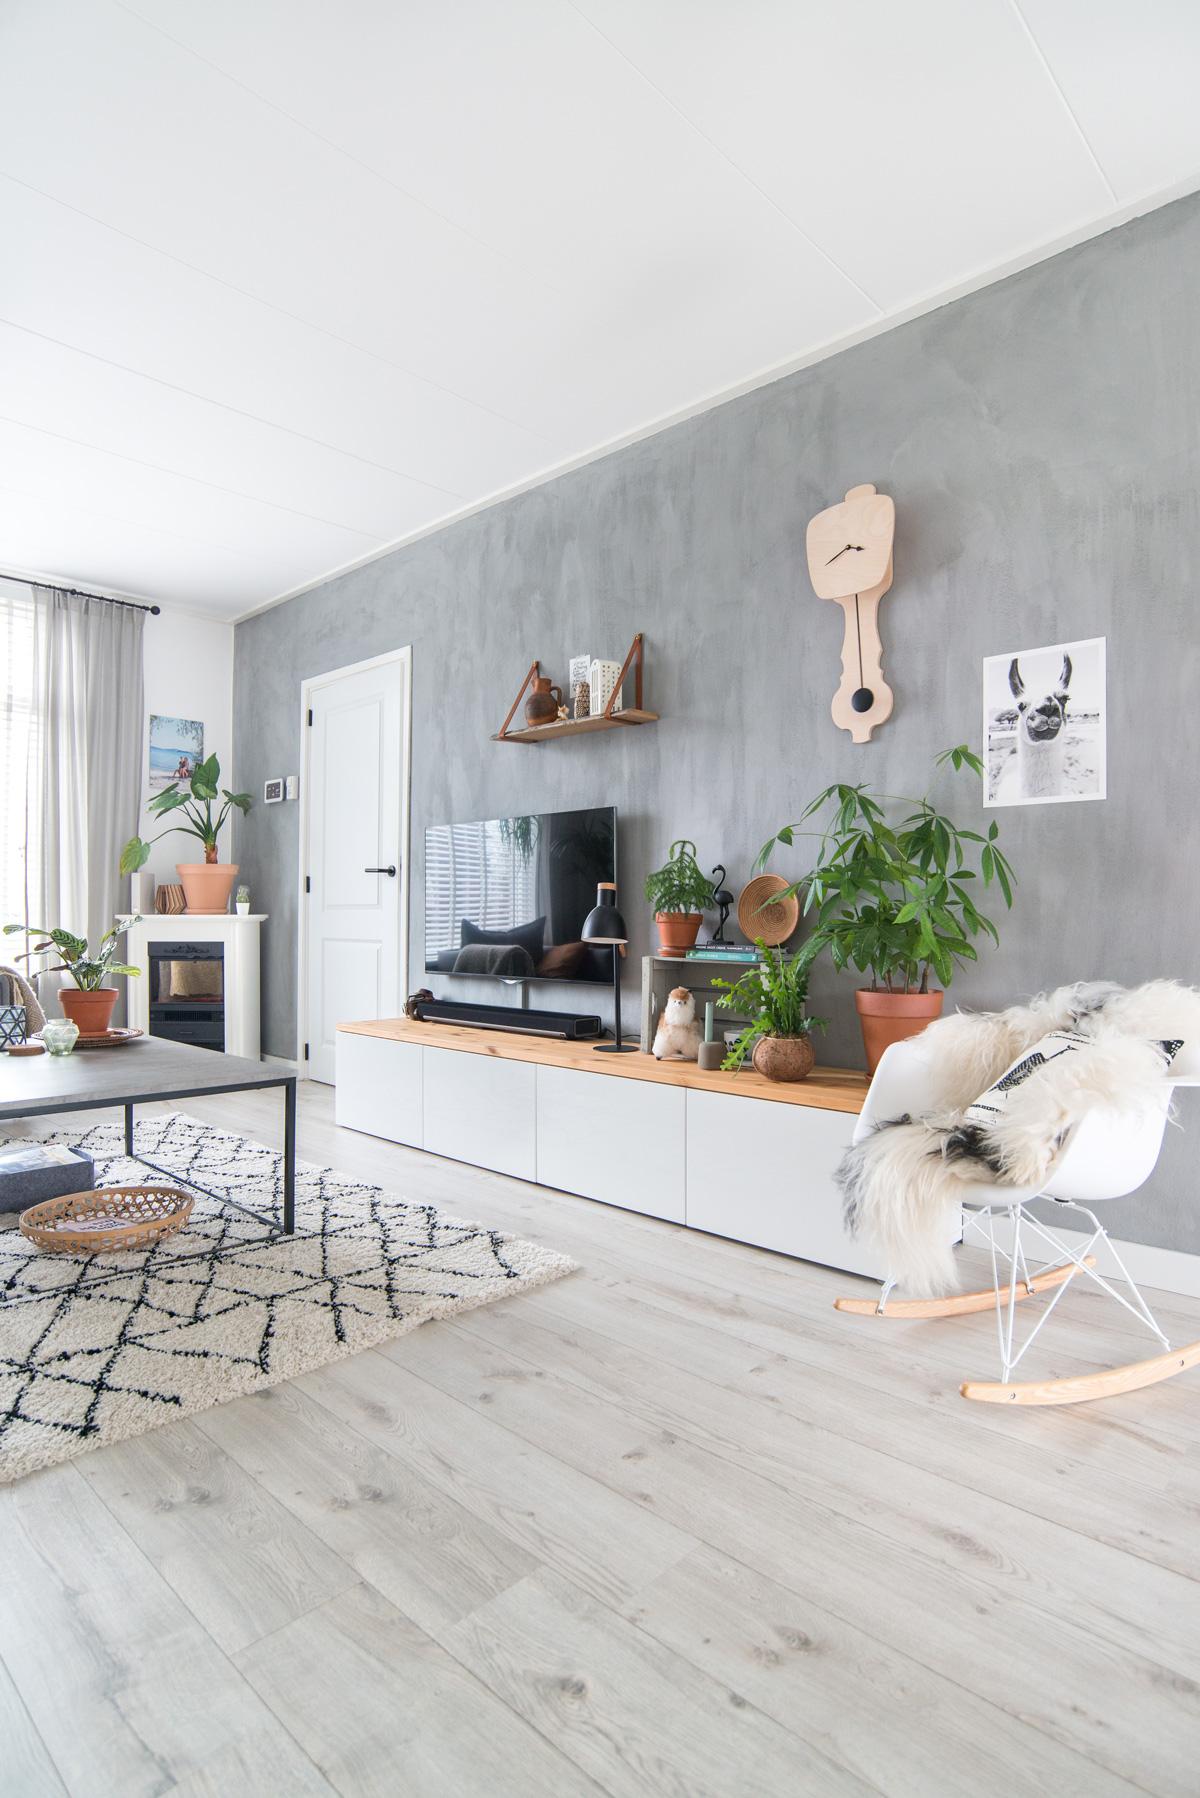 keeelly91 woonkamer kalkverf betonlook planten urbanjungle verandering